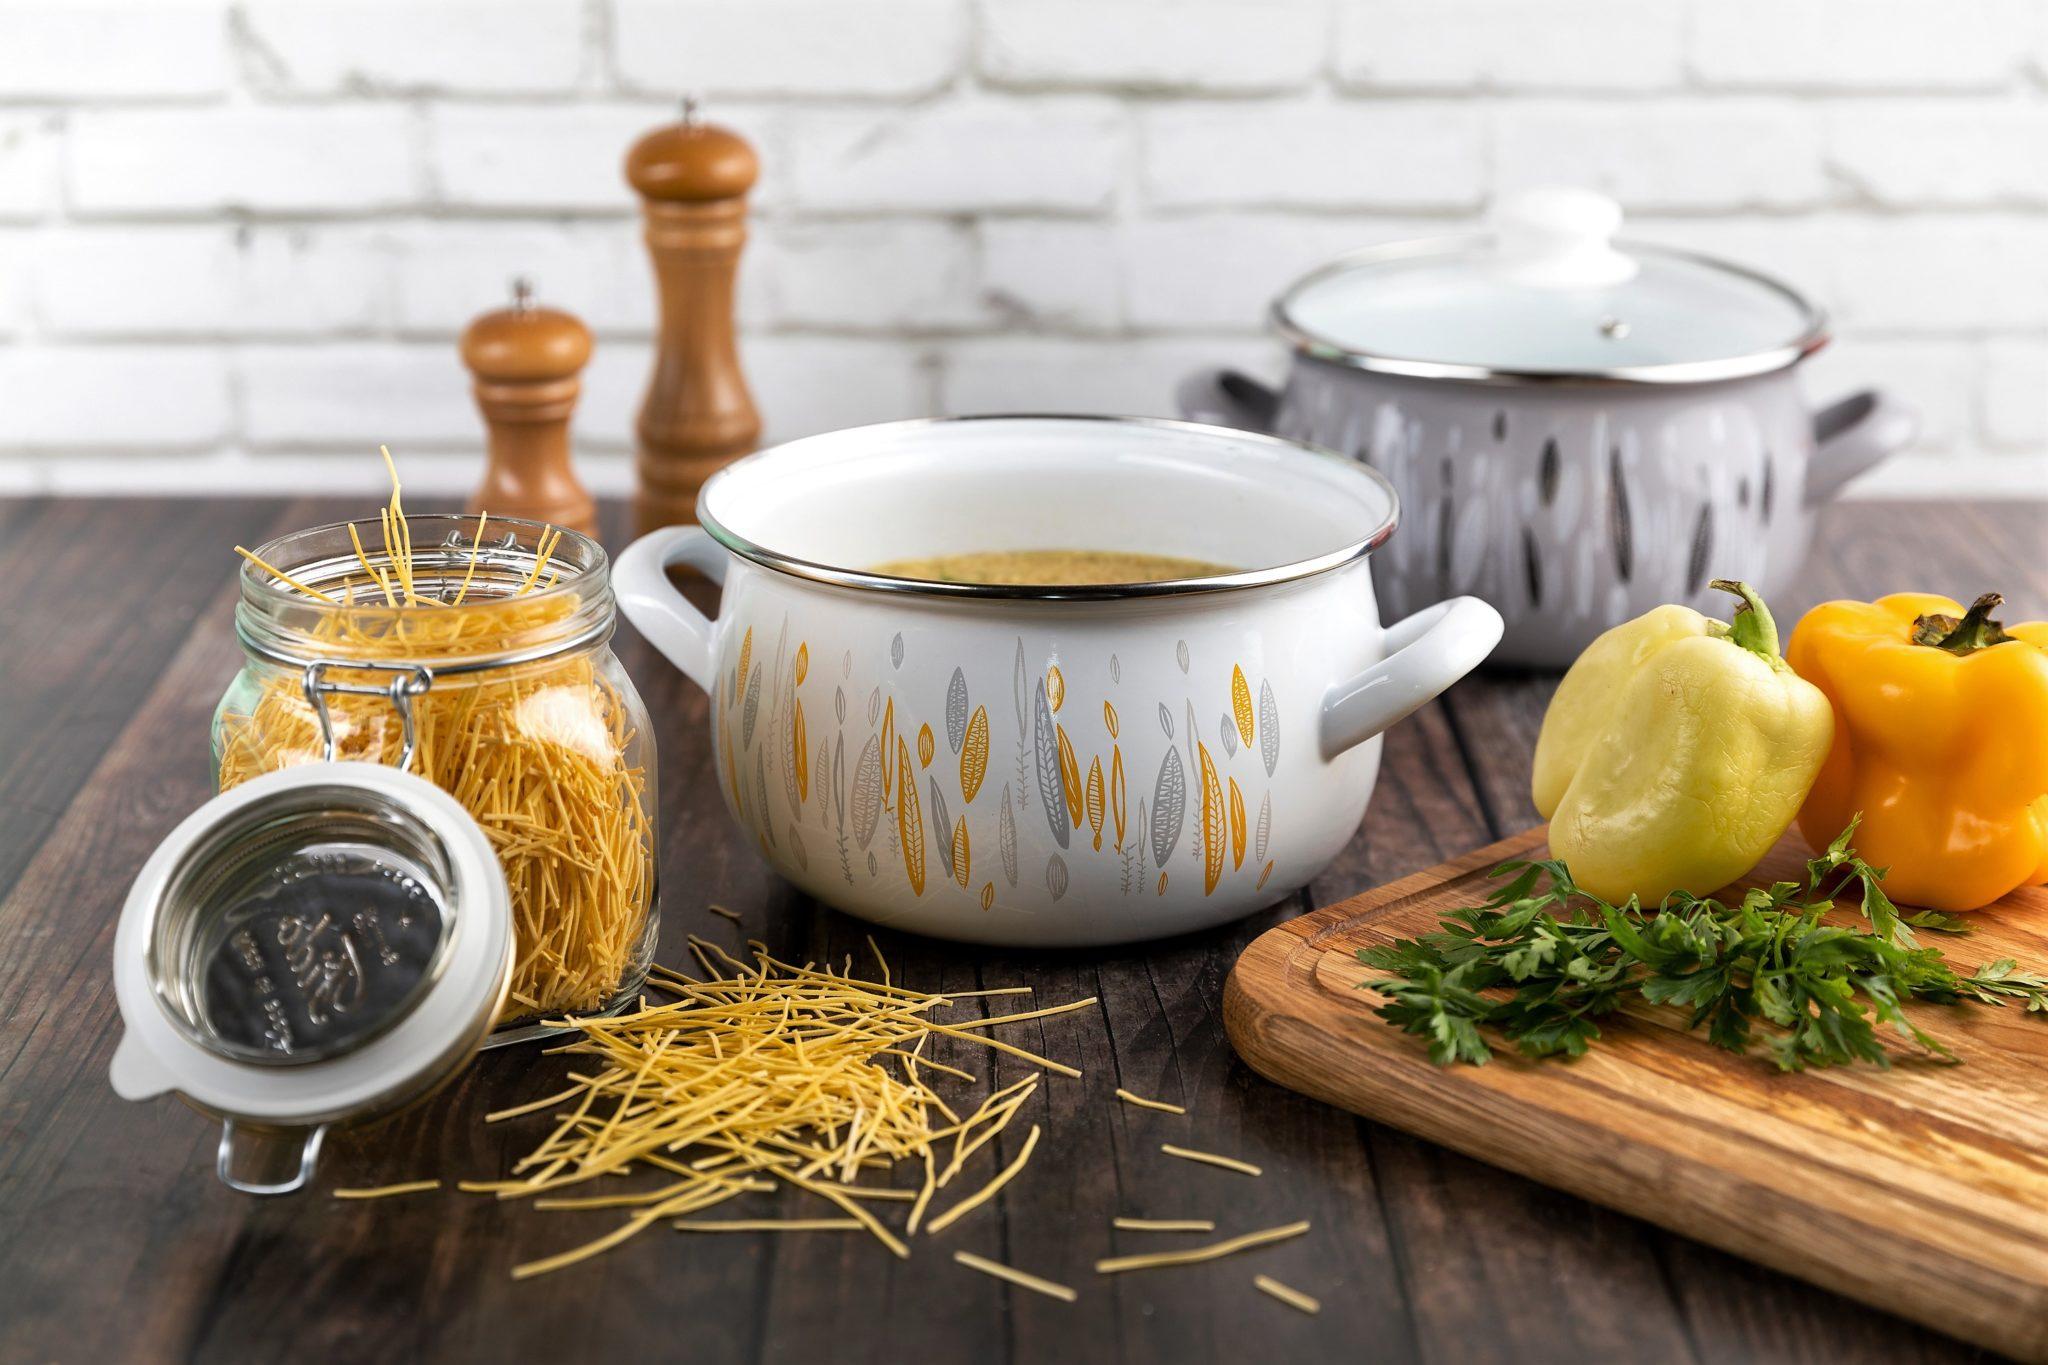 Gotuj zdrowo!  Emalia Polska Pleszew w Twojej kuchni